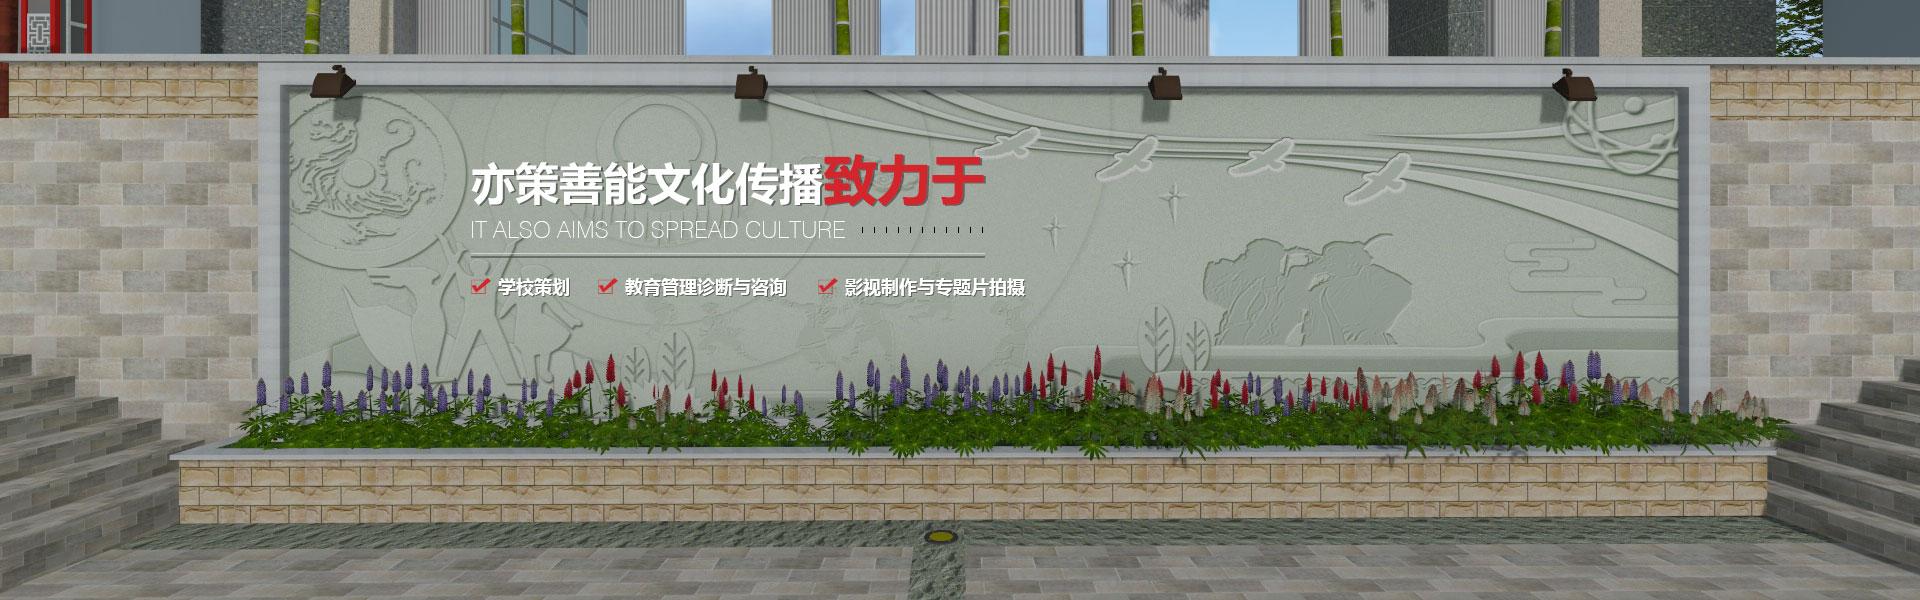 重庆校园文化墙设计